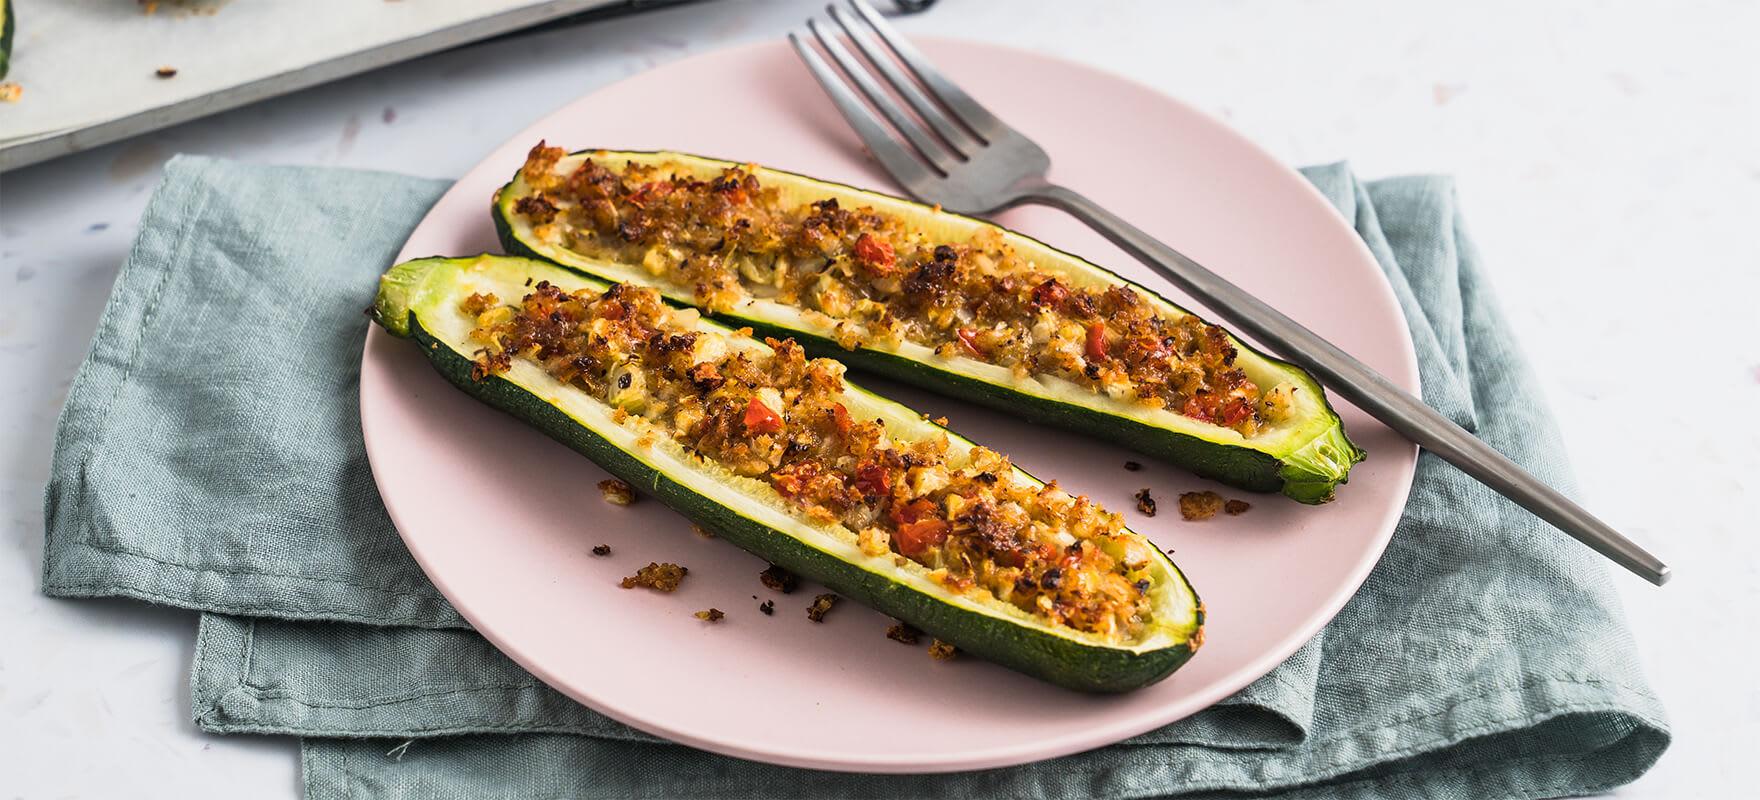 Stuffed zucchini boats image 1